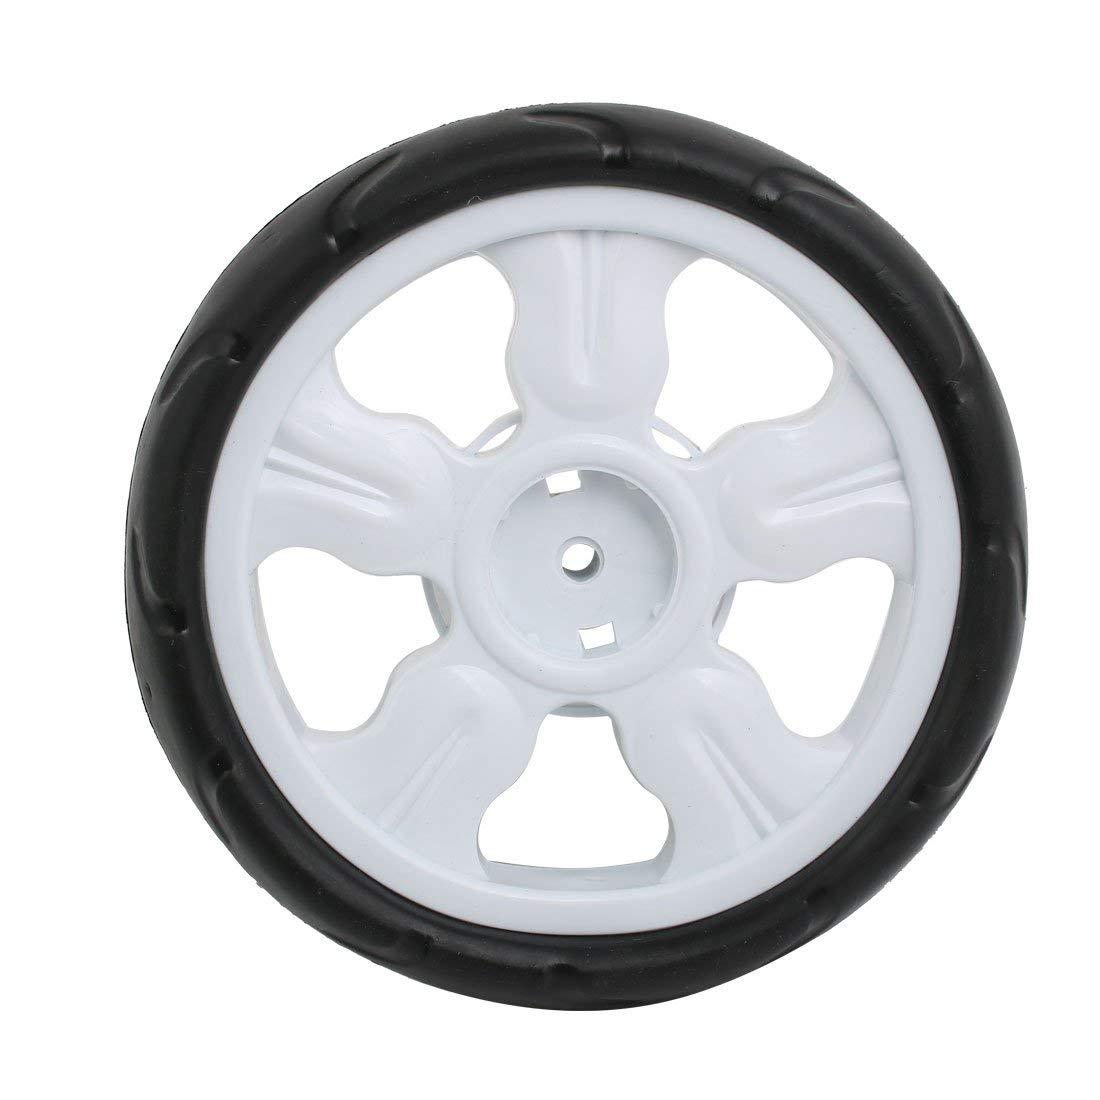 2pcs 190mm diam/ètre roue simple poulie plastique poussette roulant blanc rouleau 8x25mm